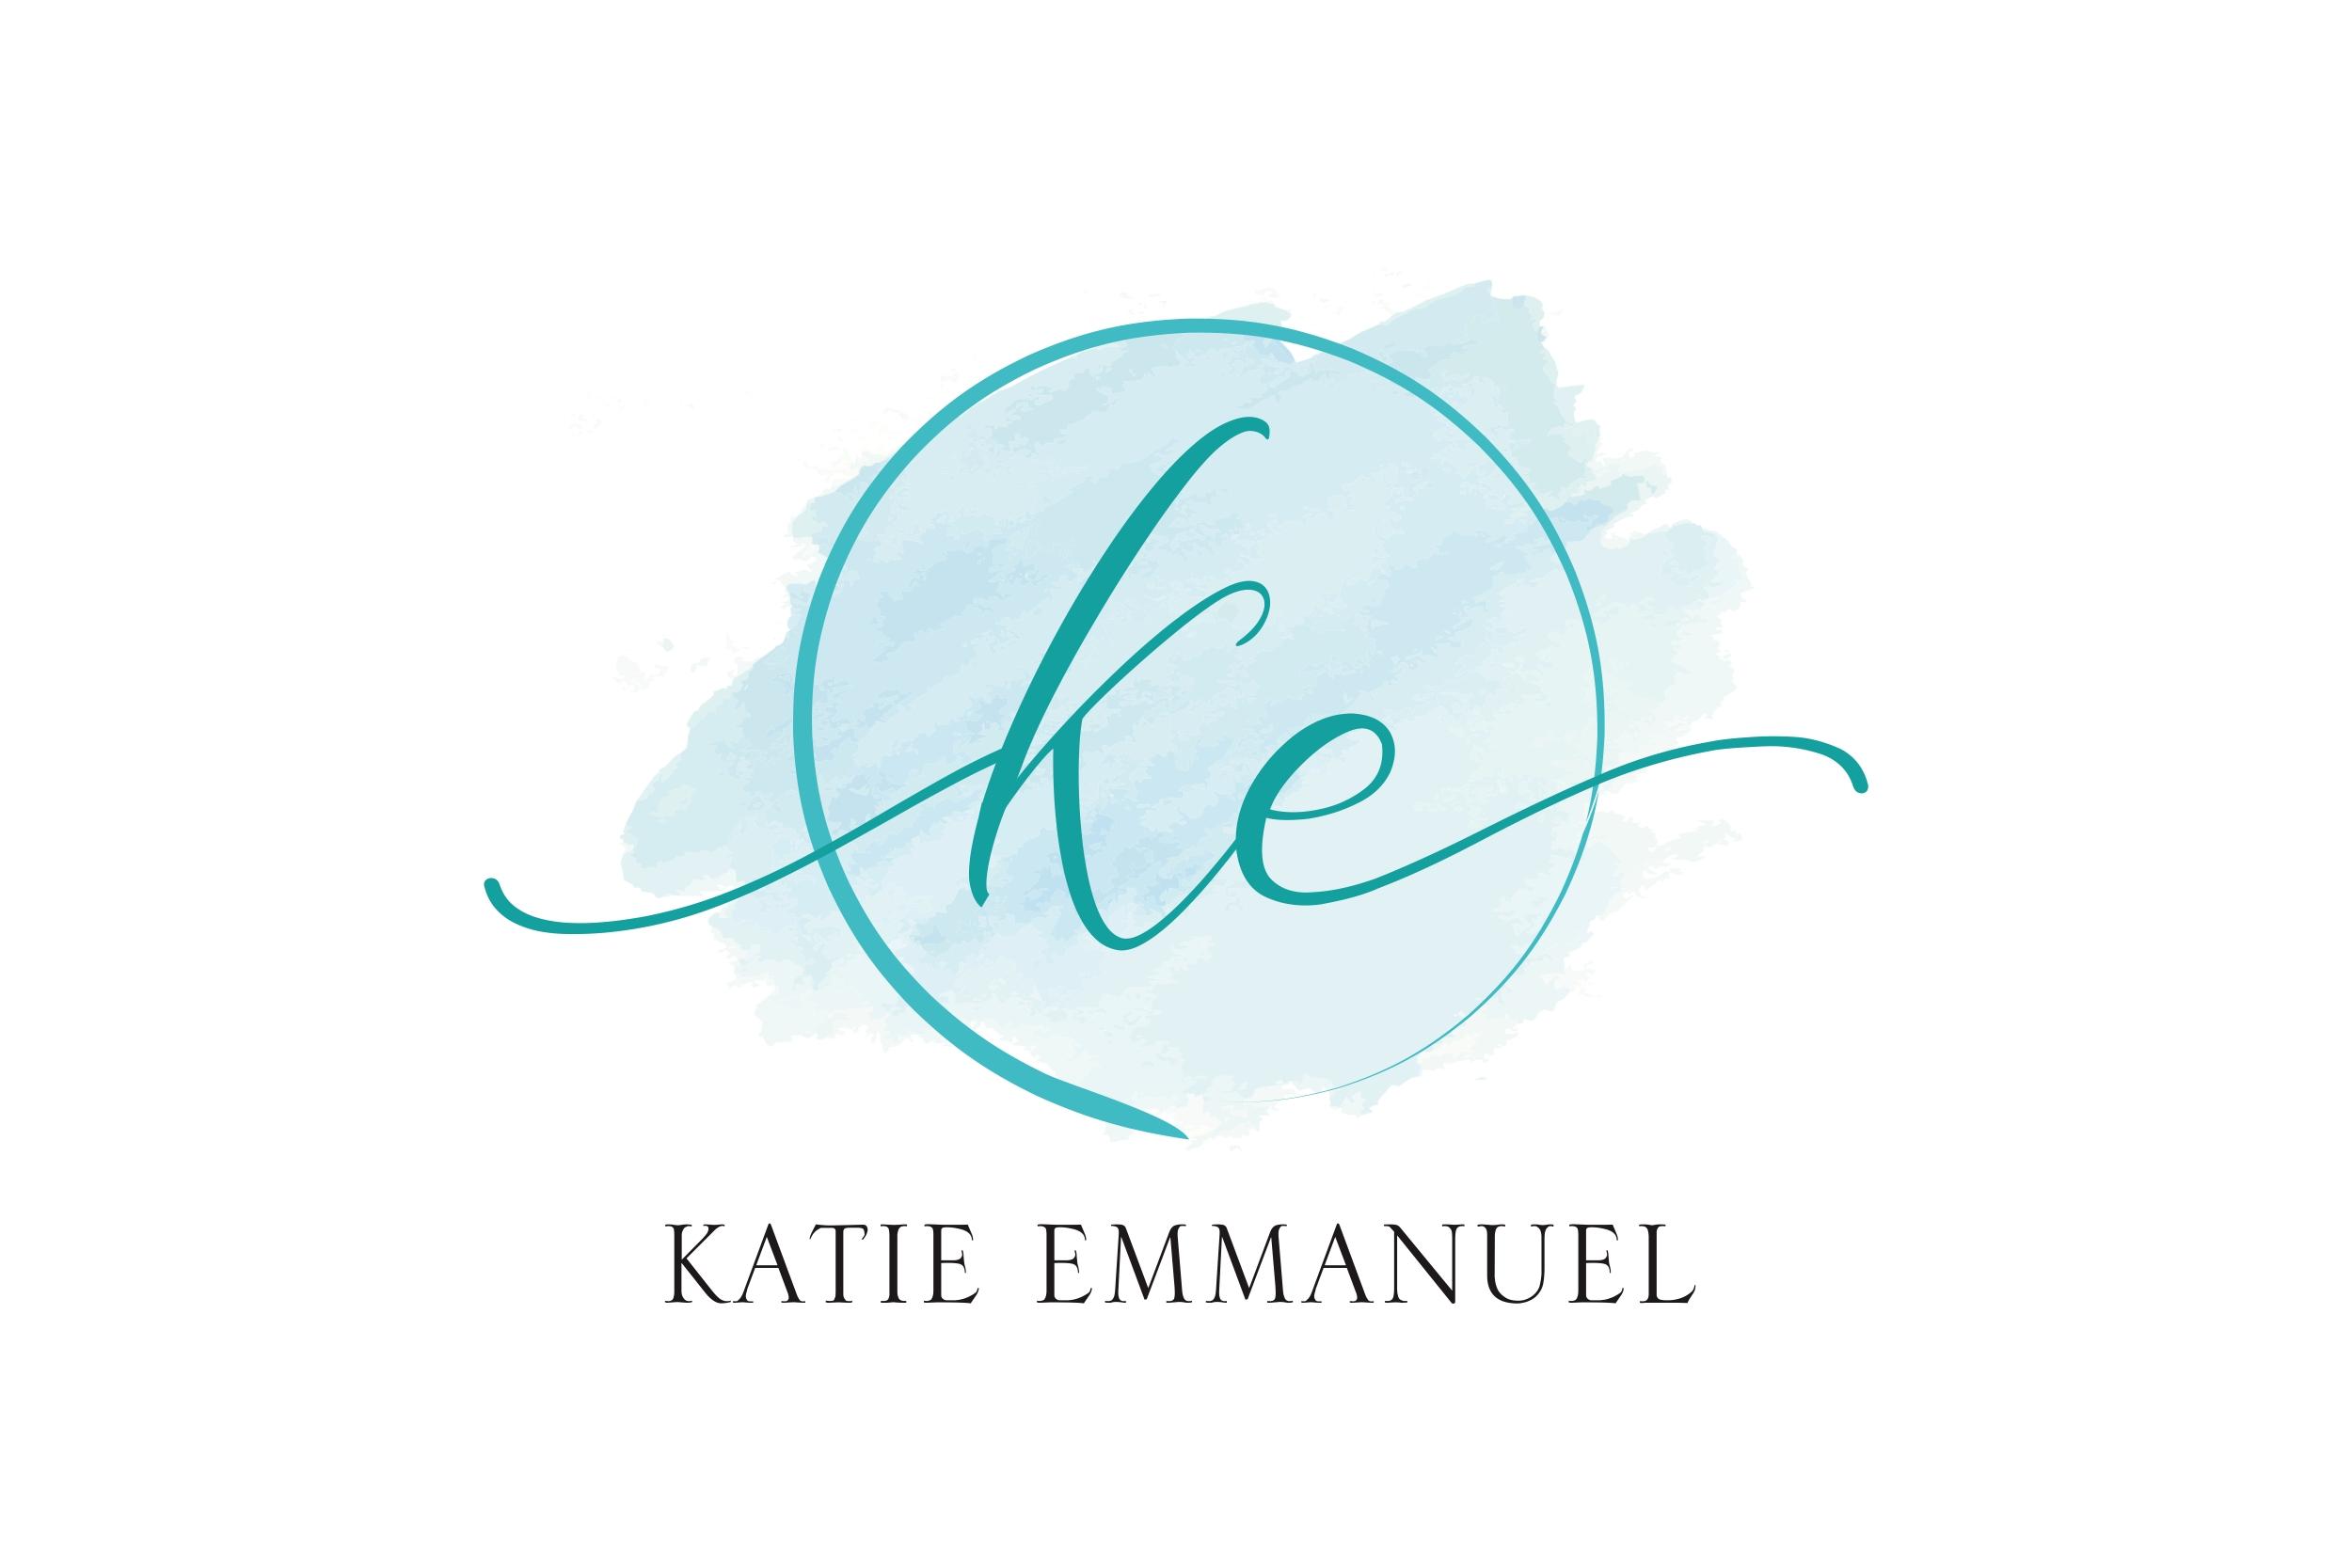 Katie Emmanuel